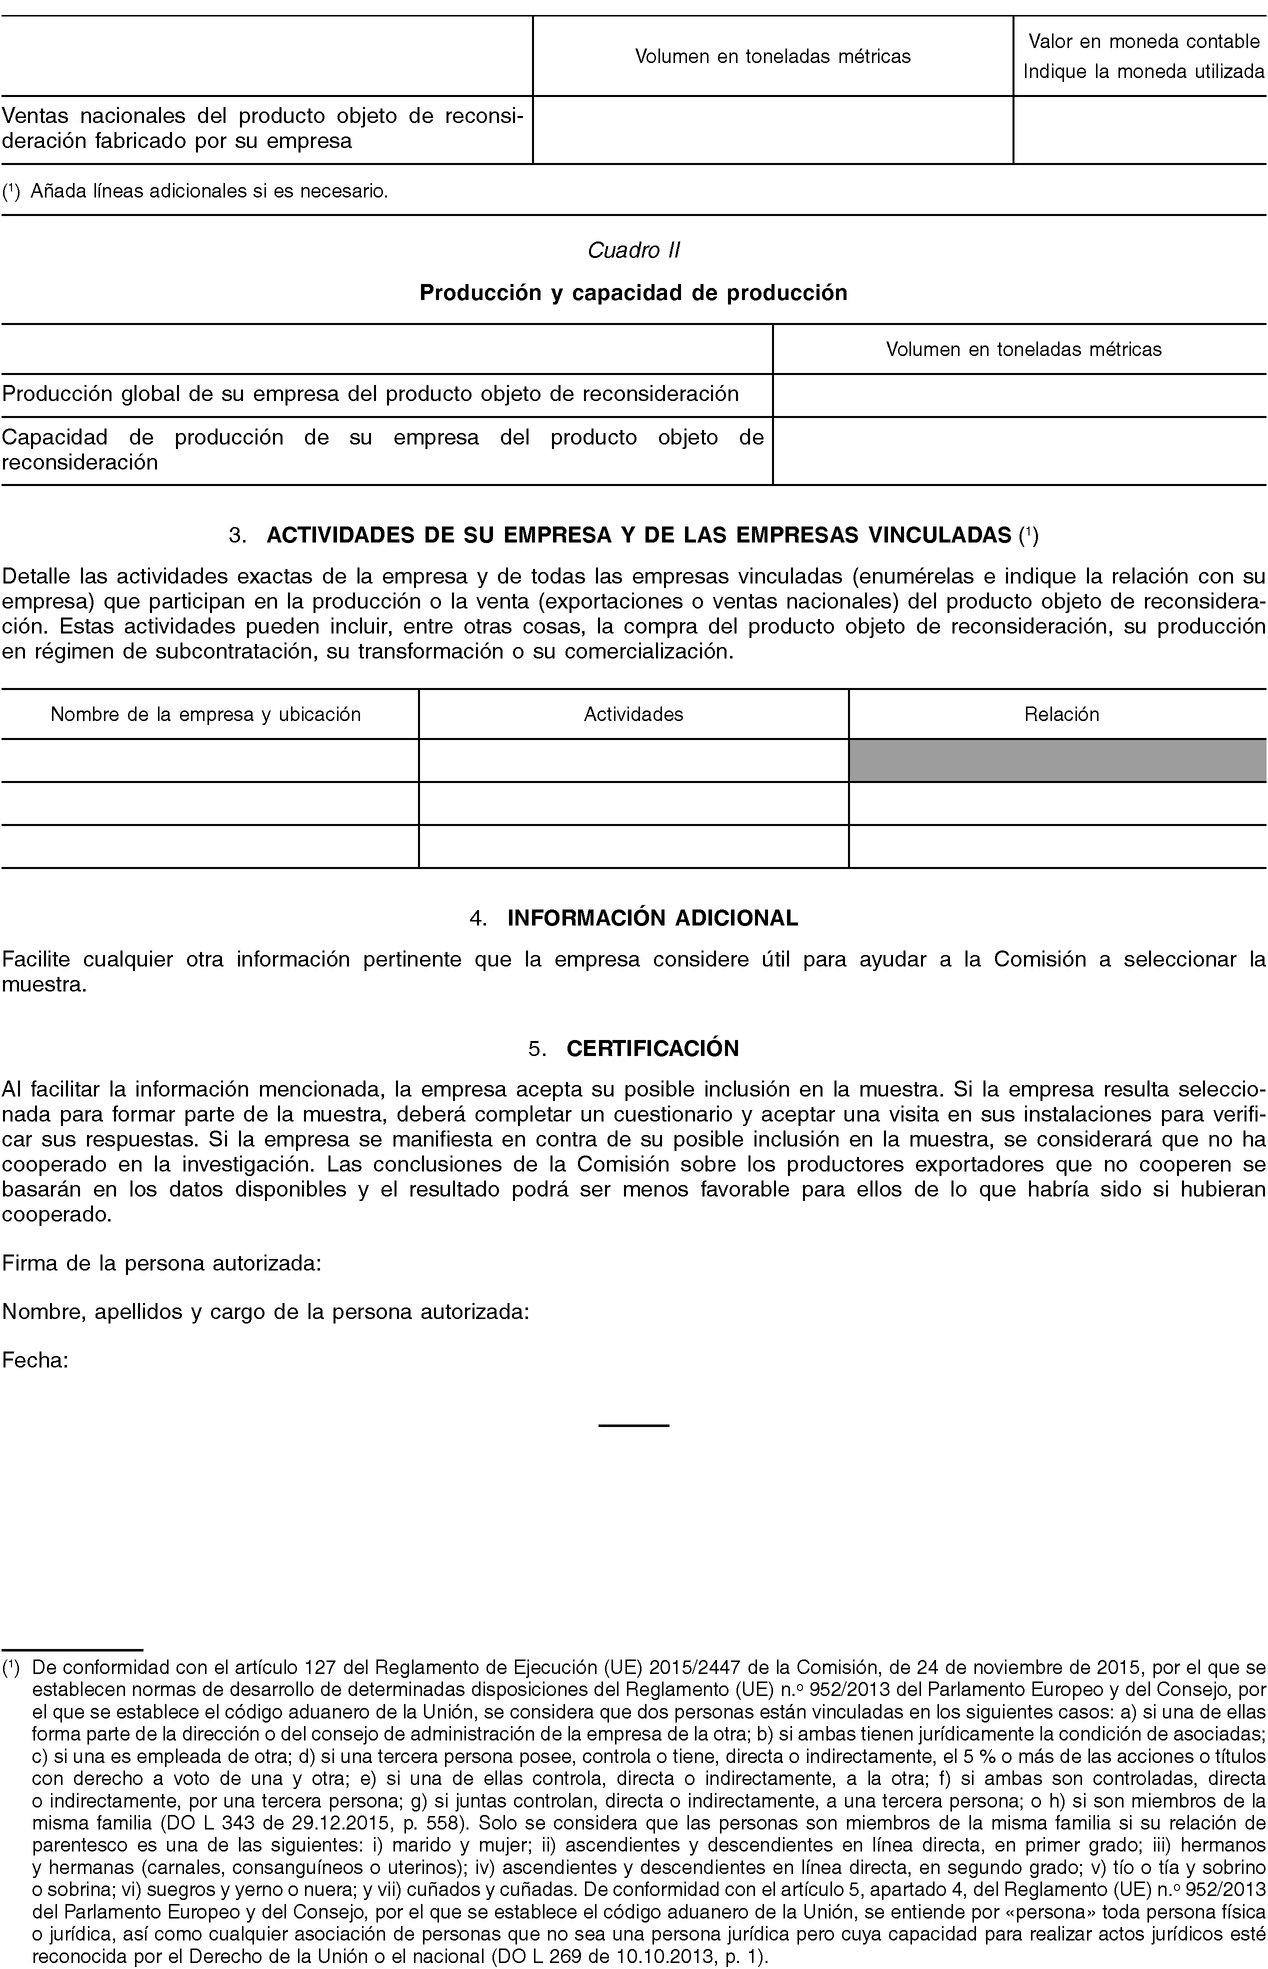 EUR-Lex - 52017XC0412(03) - EN - EUR-Lex